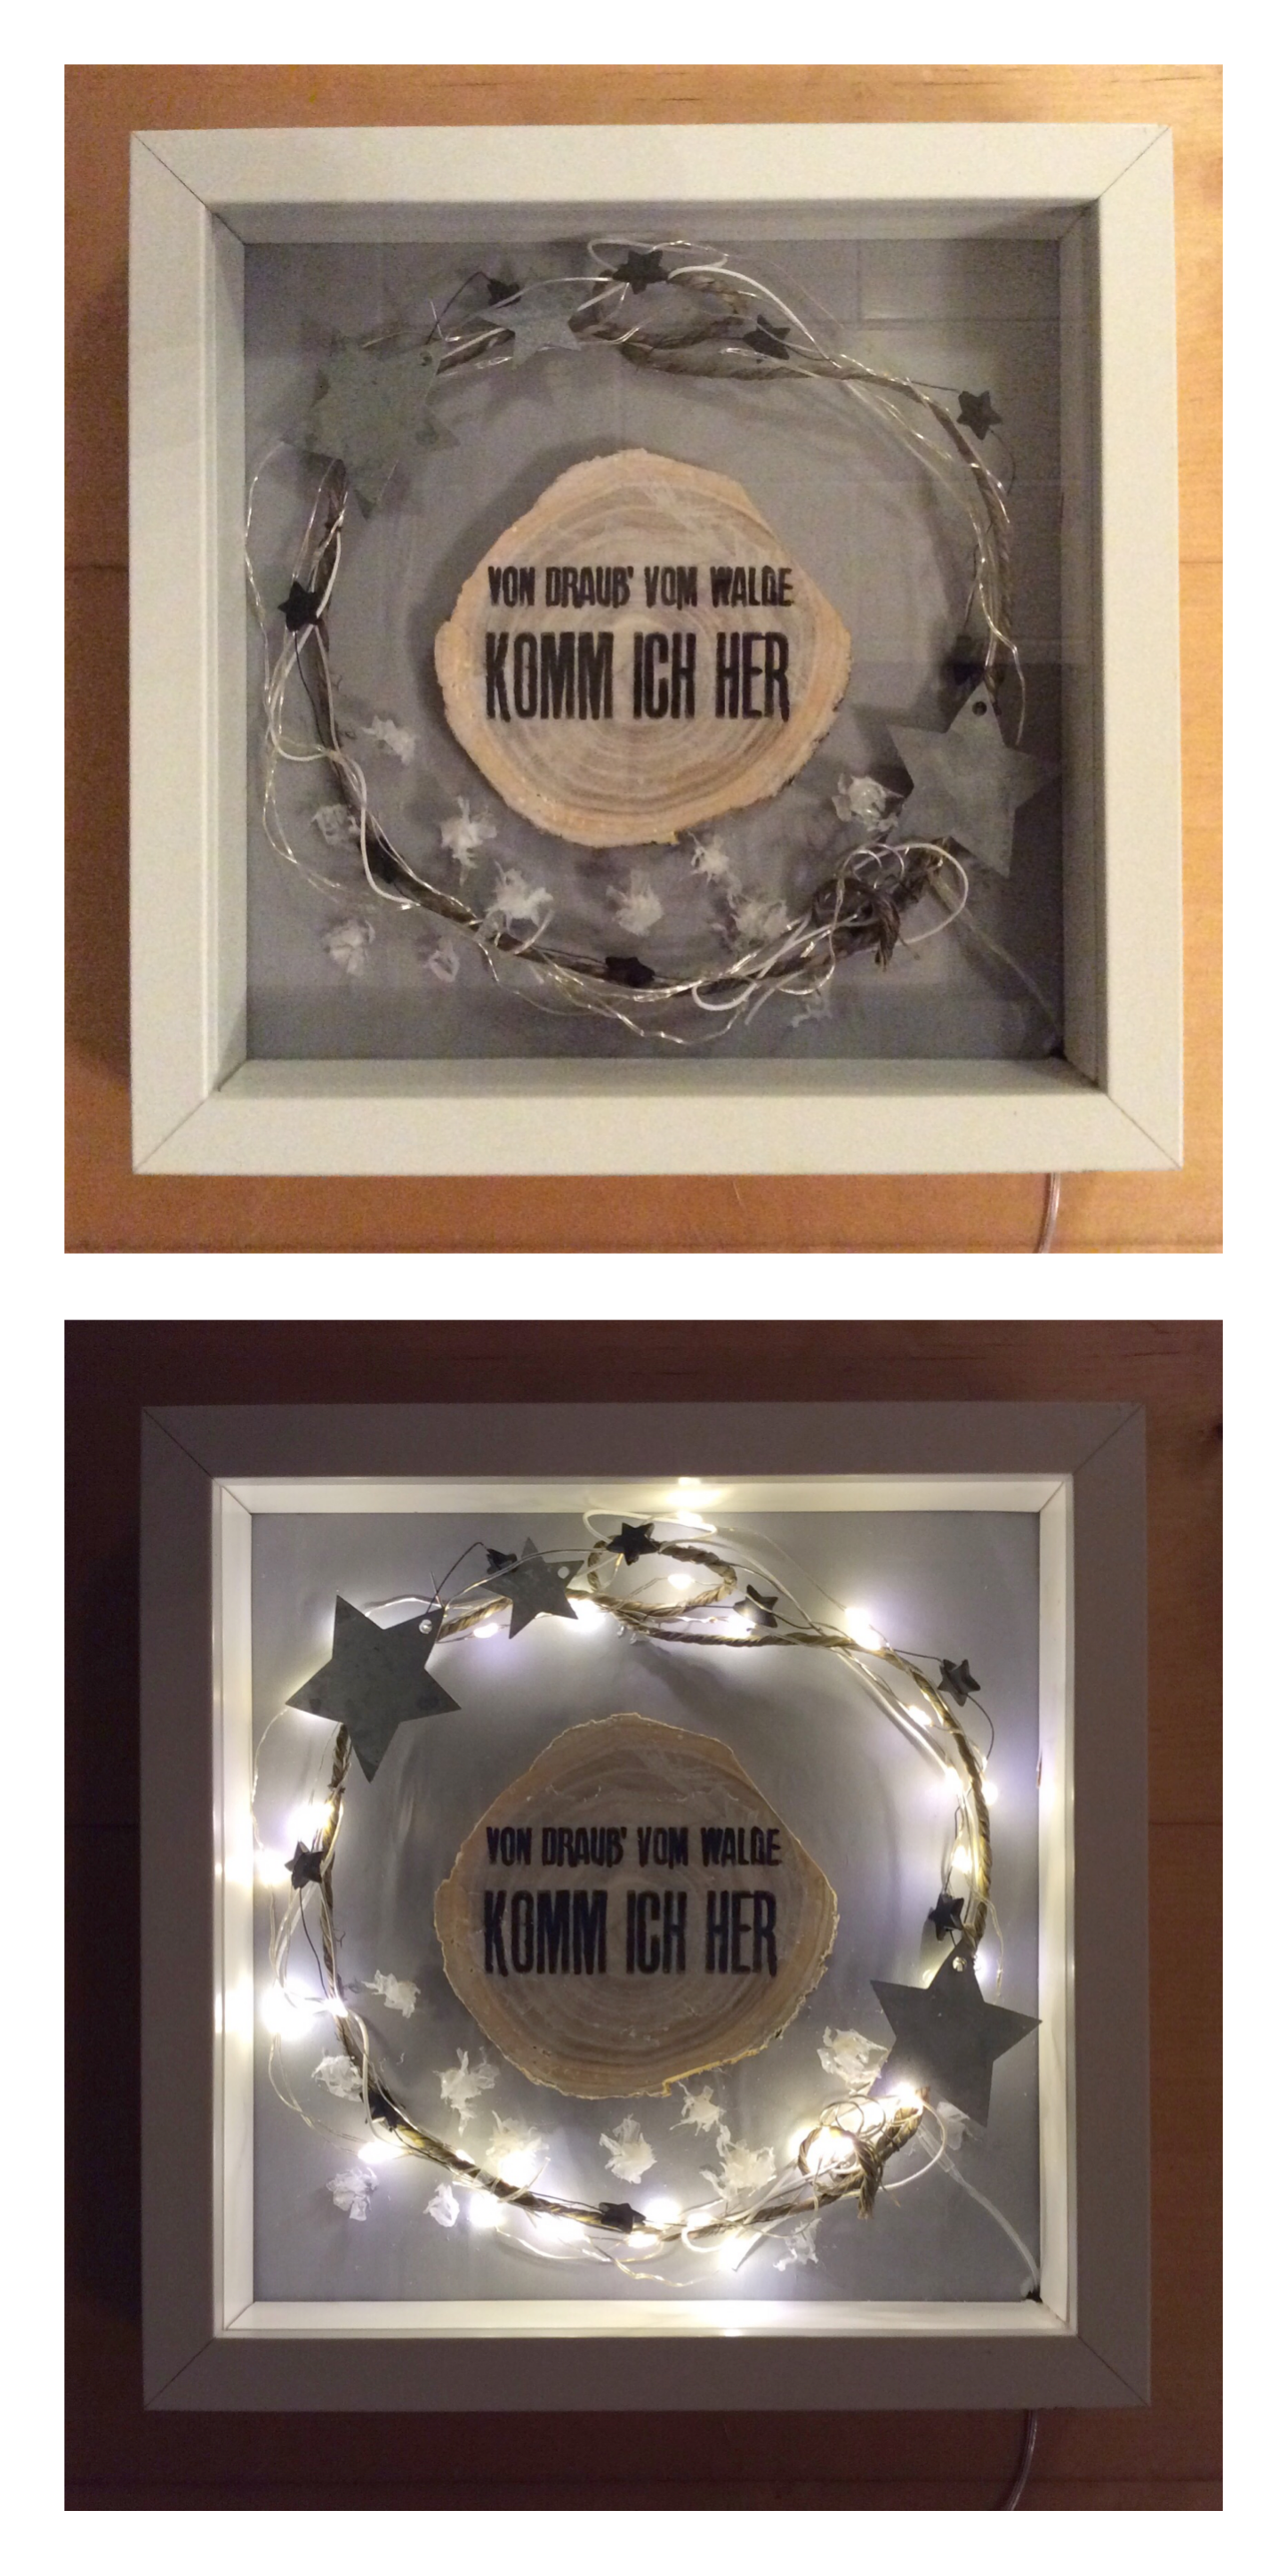 Ikea RIBBA Rahmen, LED-Lichterkette und ein paar Schnüre u Sterne ...